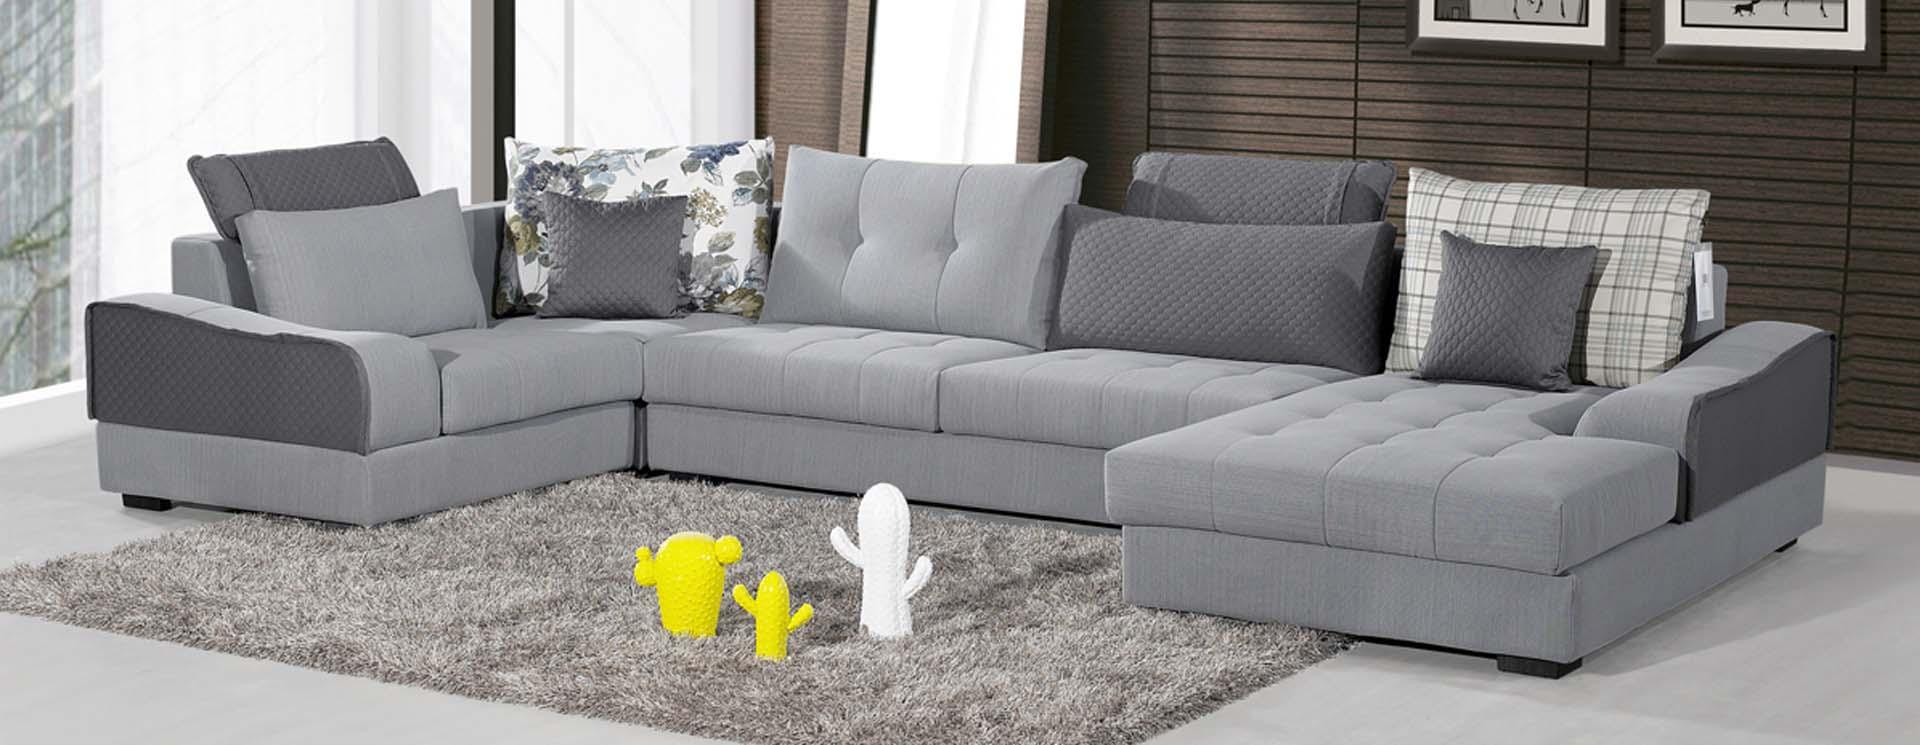 名称:沙发E-662A#<br/> 市场价:<font style='color:#999;text-decoration:line-through;'>¥0</font><br />全国统一零售价:<font color='Red'>¥0.0</font>